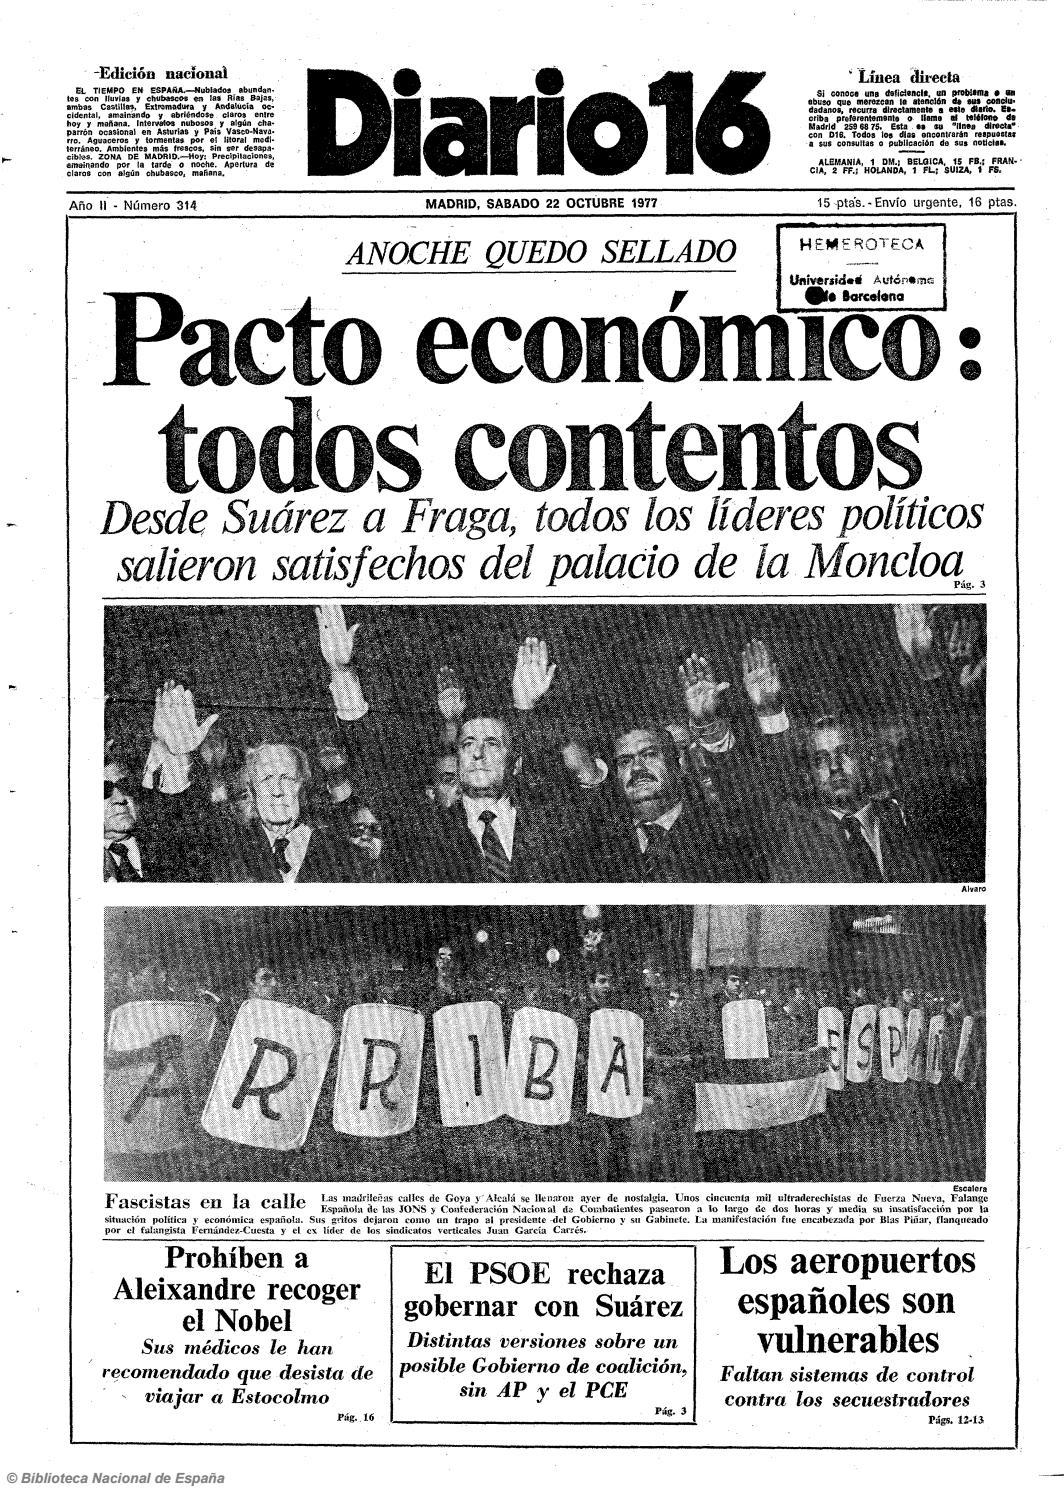 1622 1977 Issuu Diario 10 By Diario16deburgos 29IWYEDH